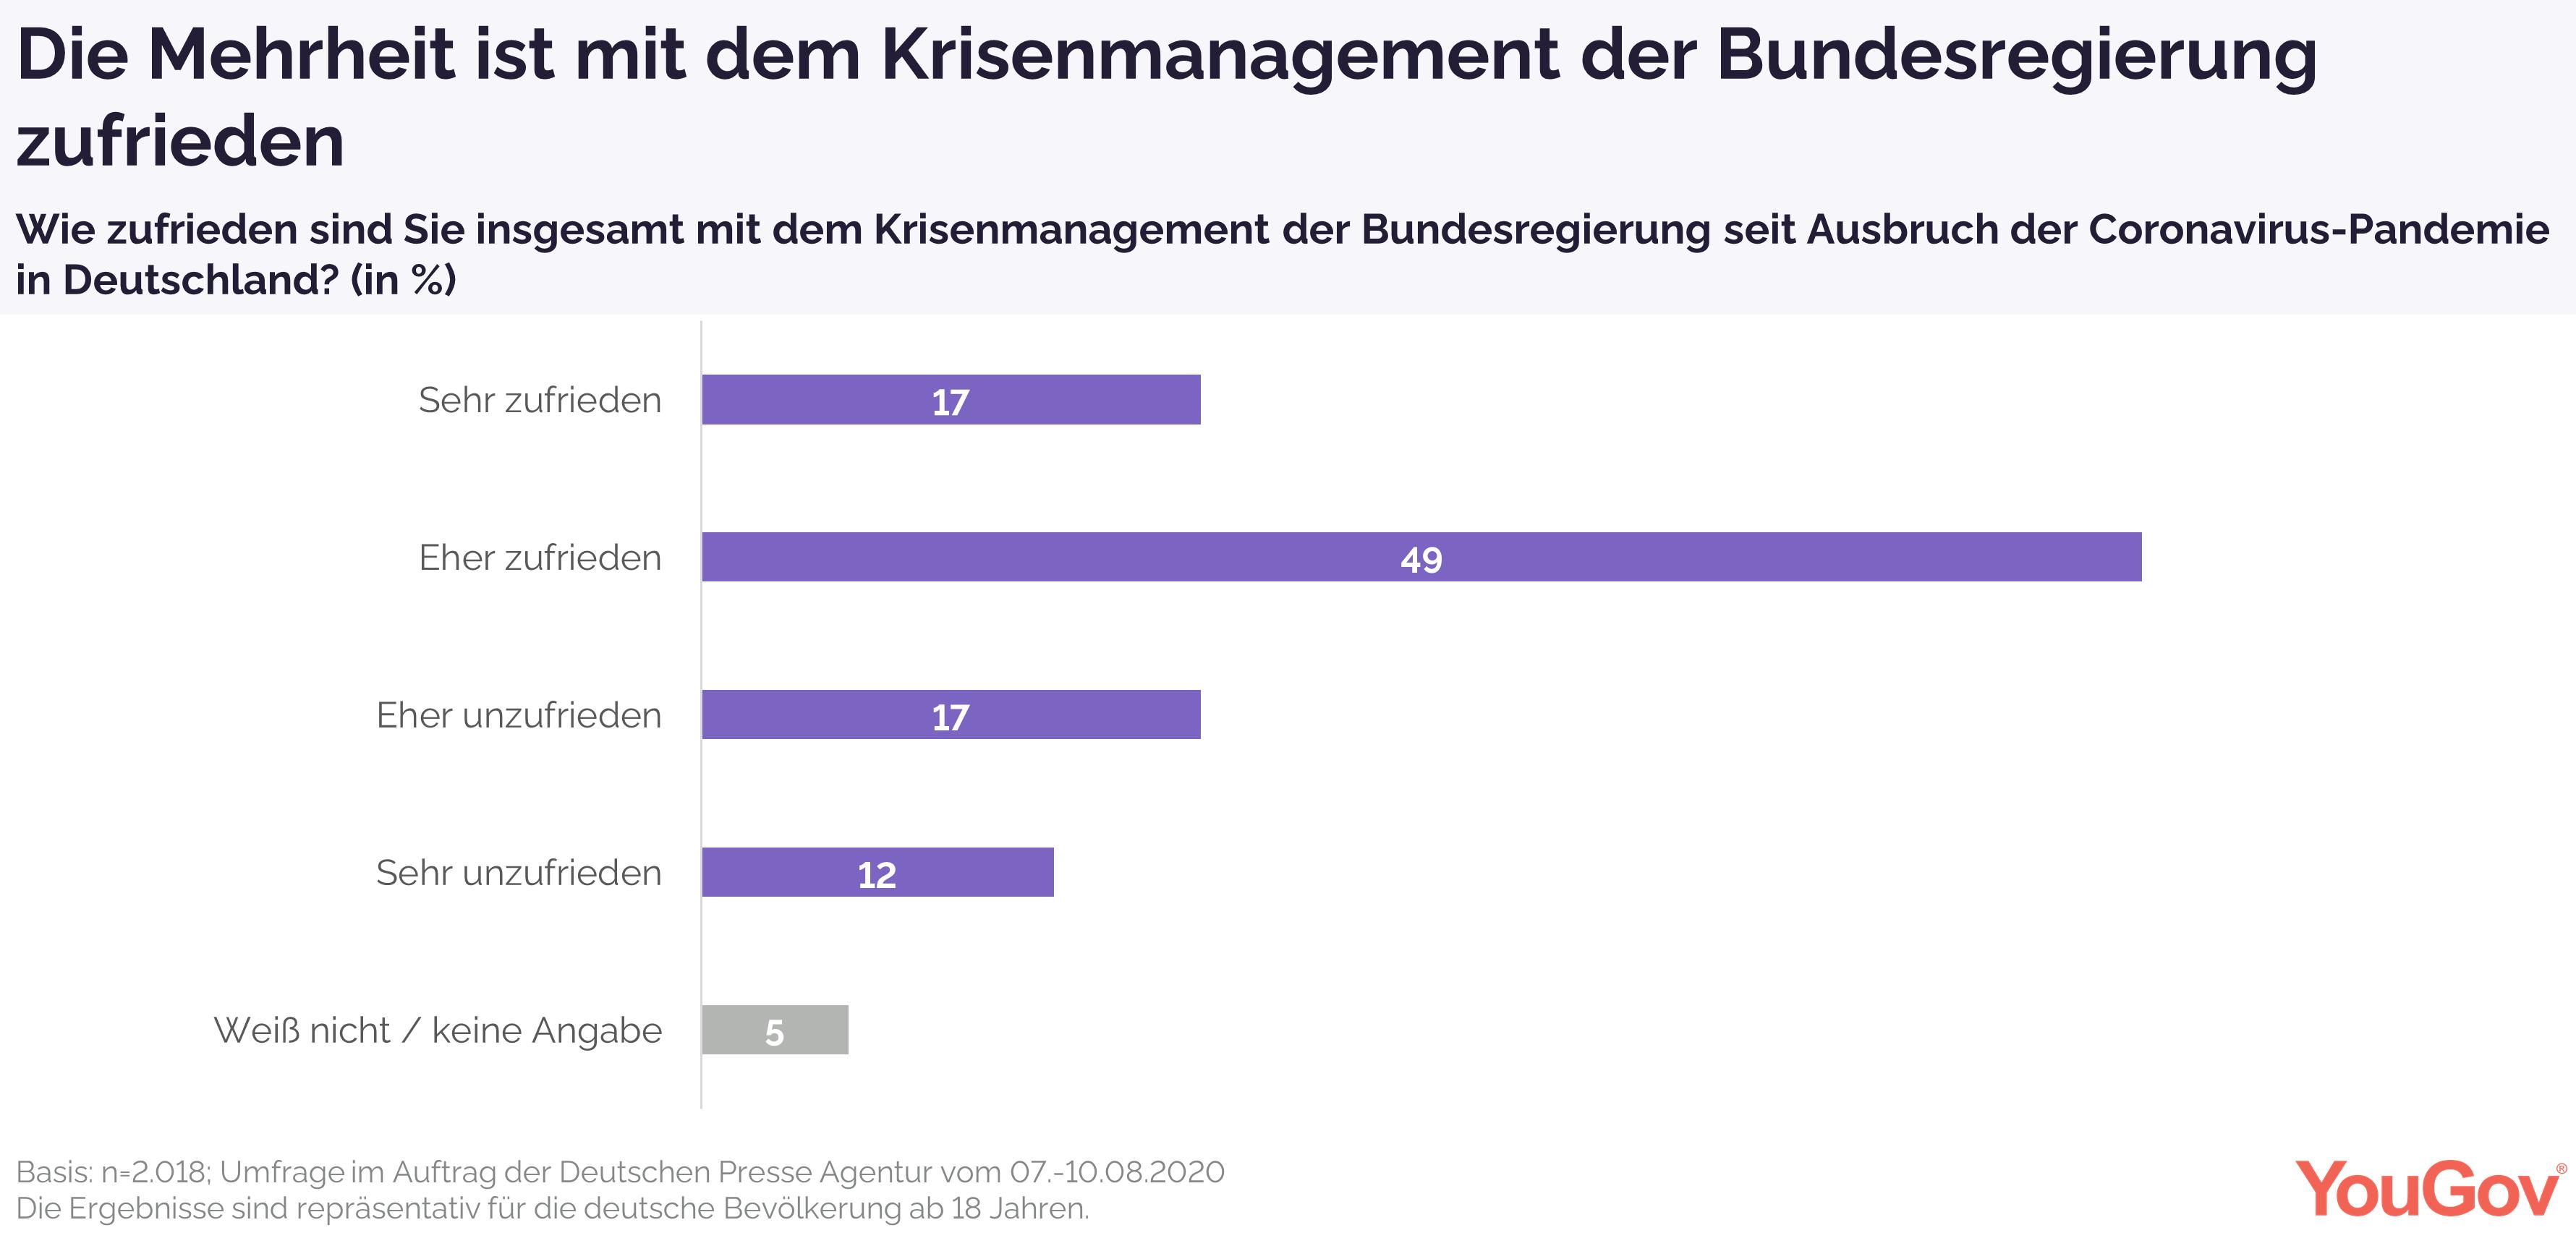 Mehrheit ist mit Krisenmanagement zufrieden